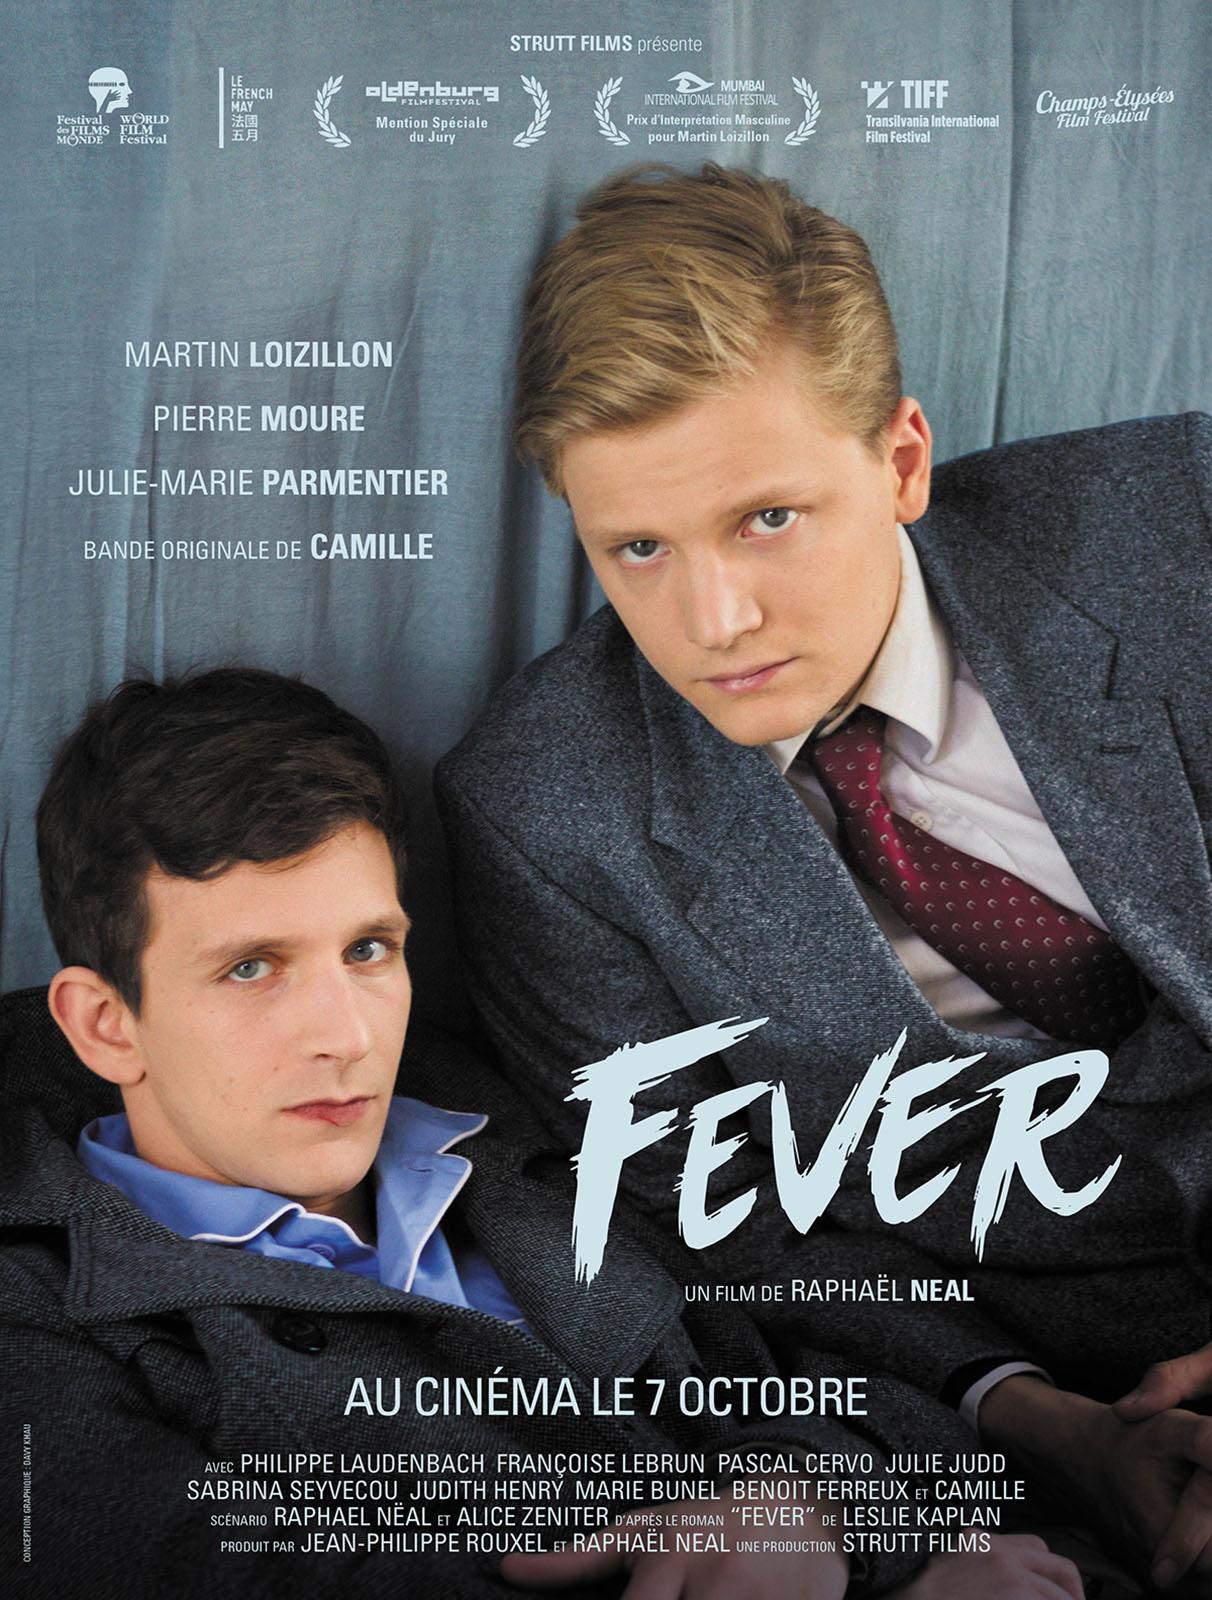 Fever ddl